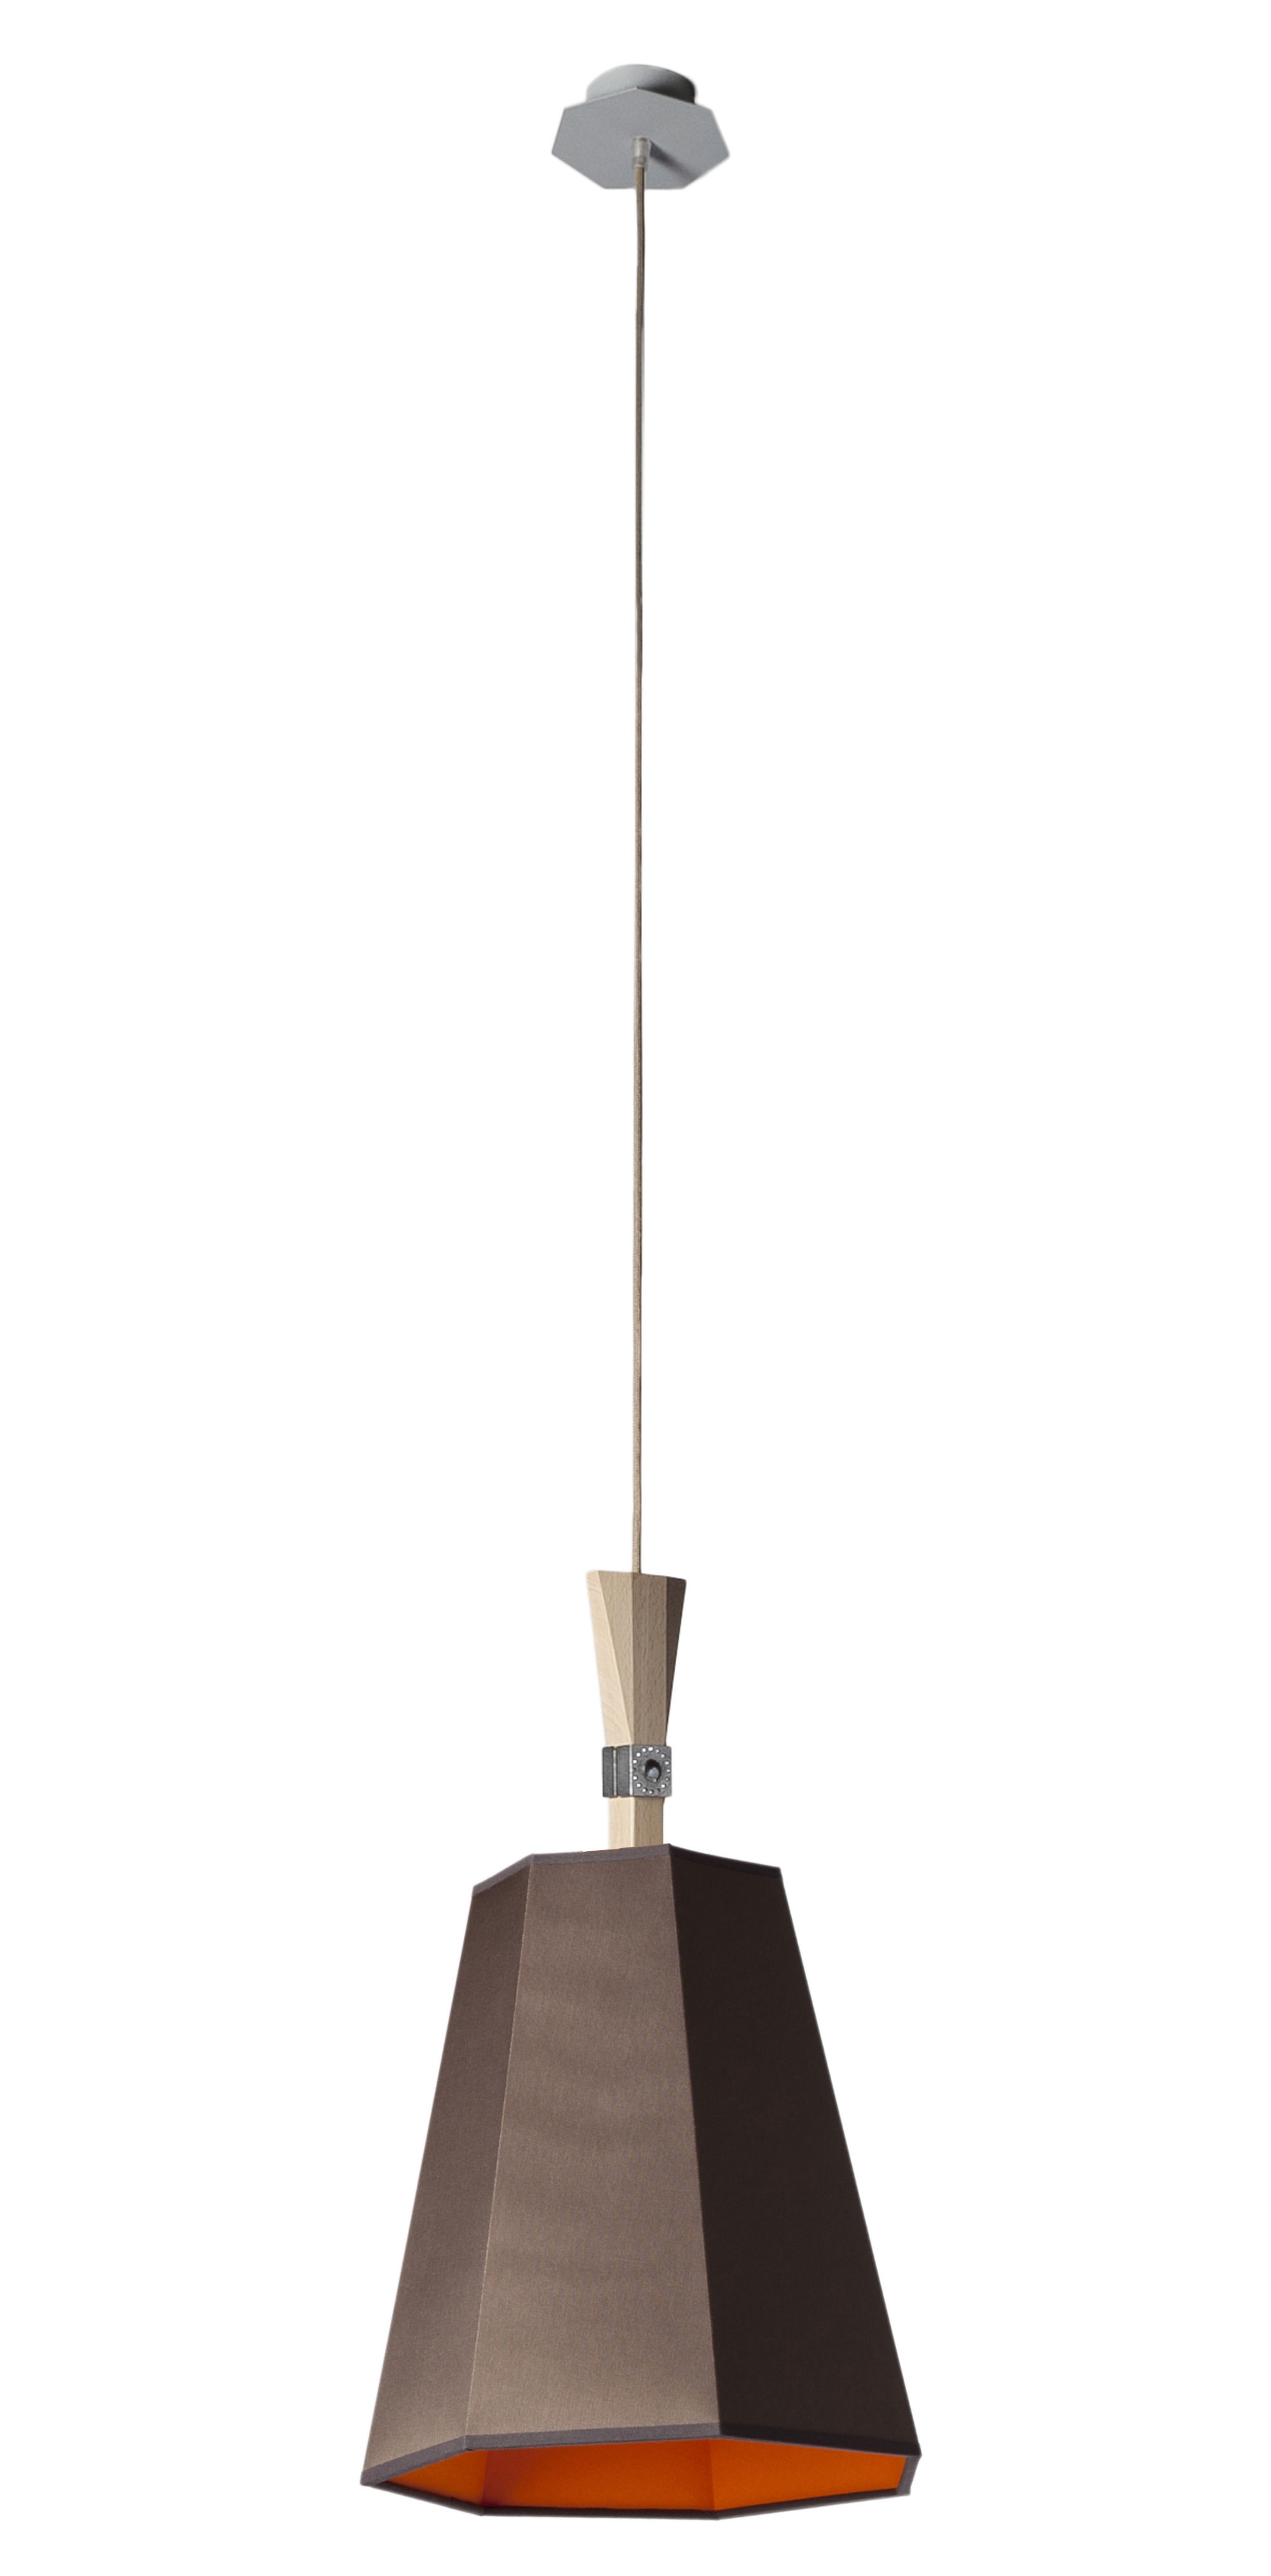 Illuminazione - Lampadari - Sospensione LuXiole - Ø 40 cm di Designheure - Paralume marrone / interno arancione - Cotone, Faggio